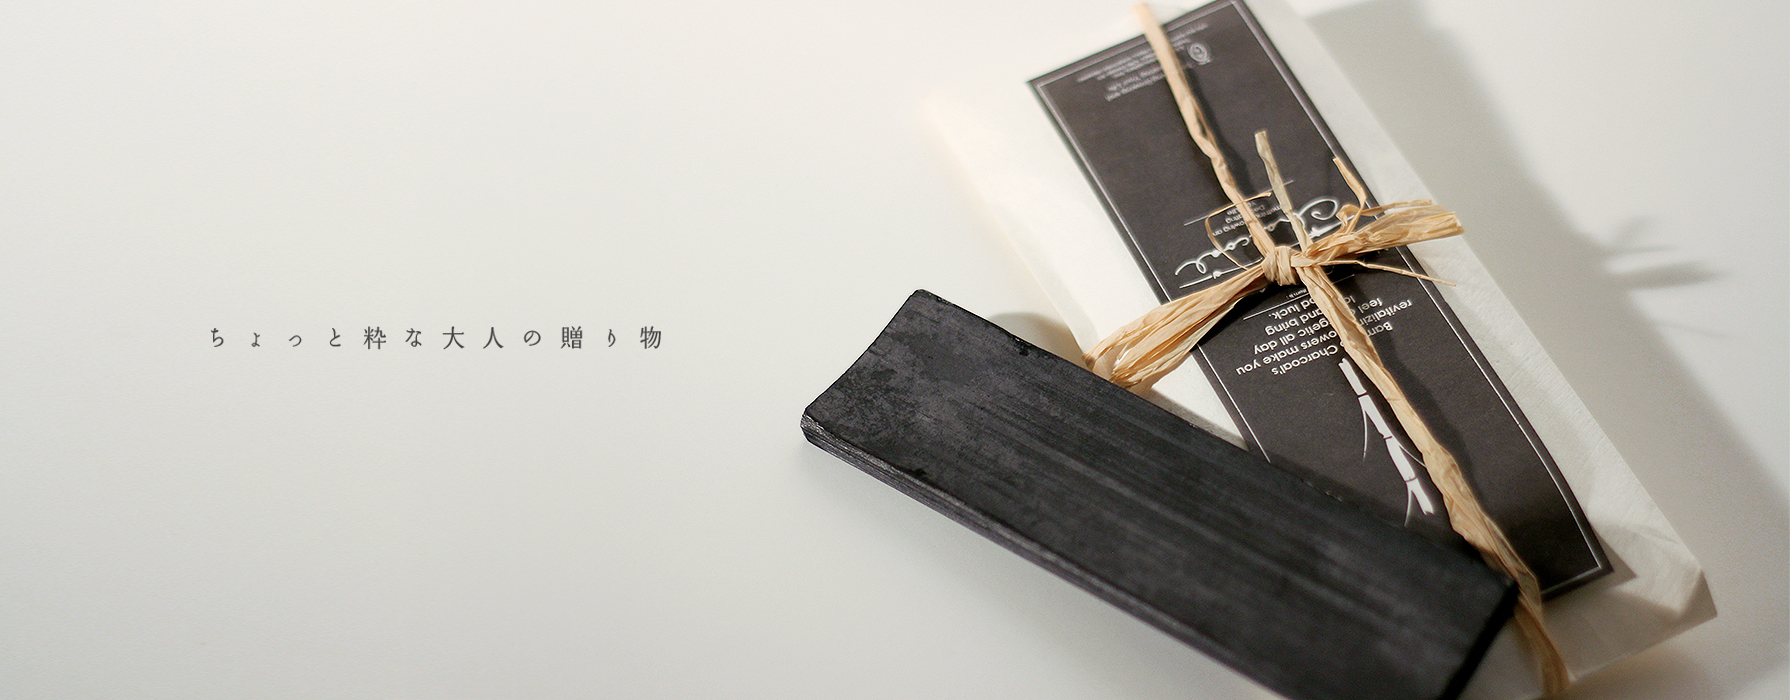 竹炭のおしゃれなヒーリングアイテム